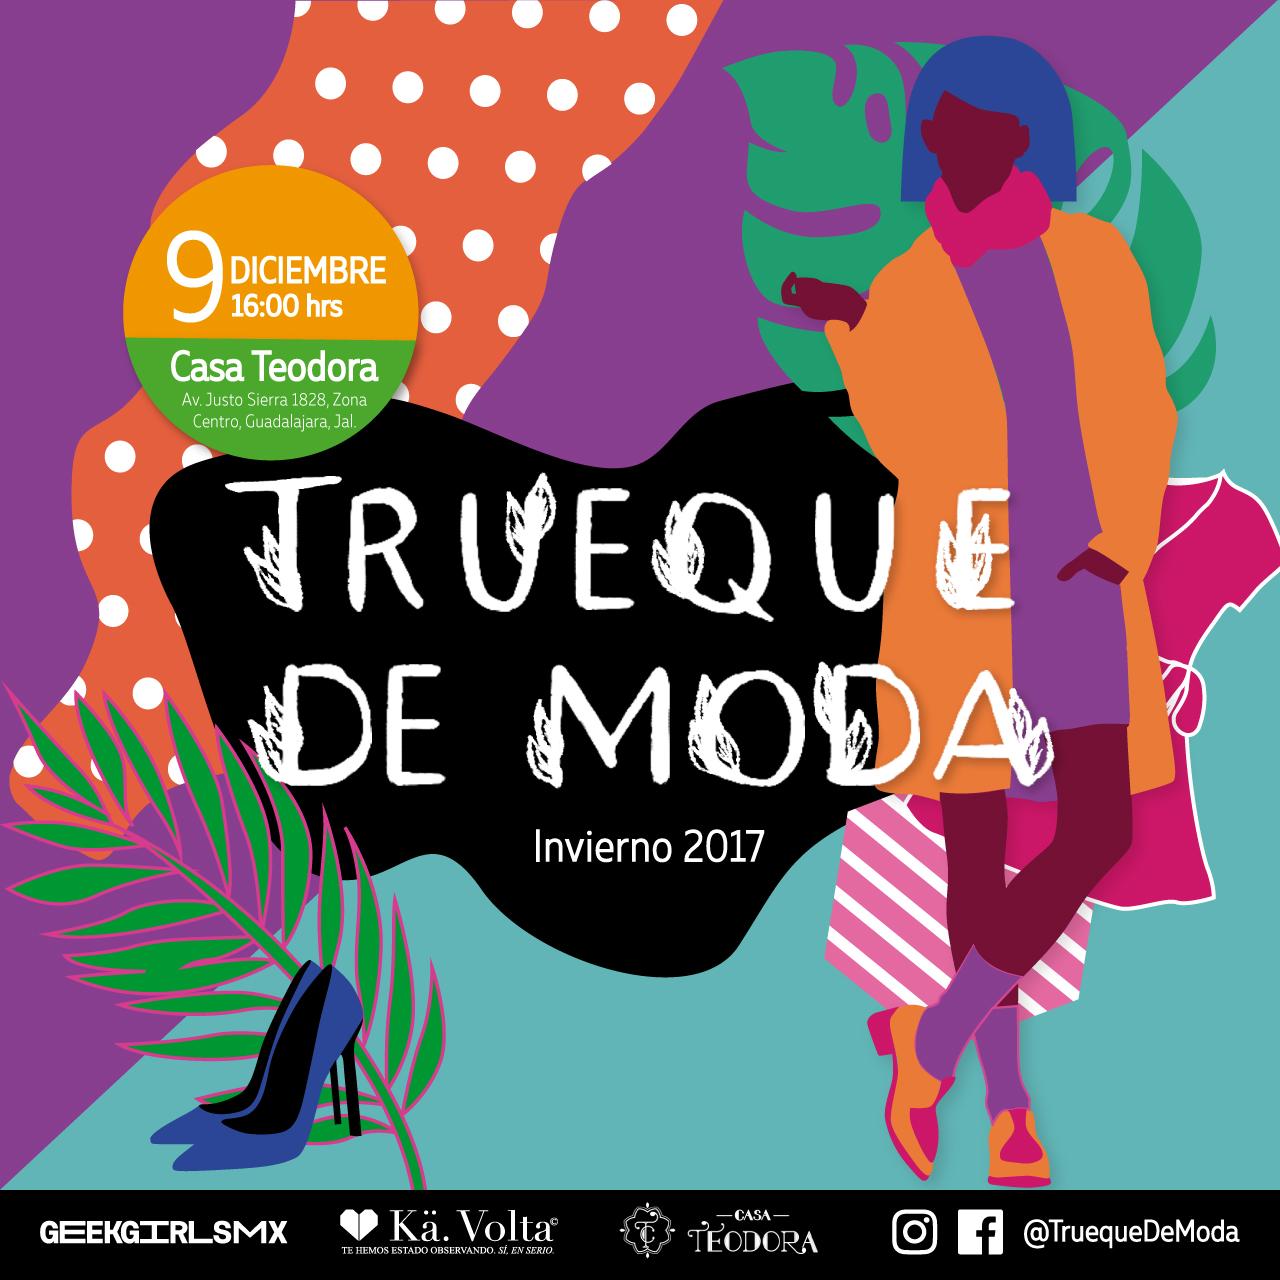 Trueque de Moda, Invierno 2017 - 9 de Diciembre en Casa Teodora